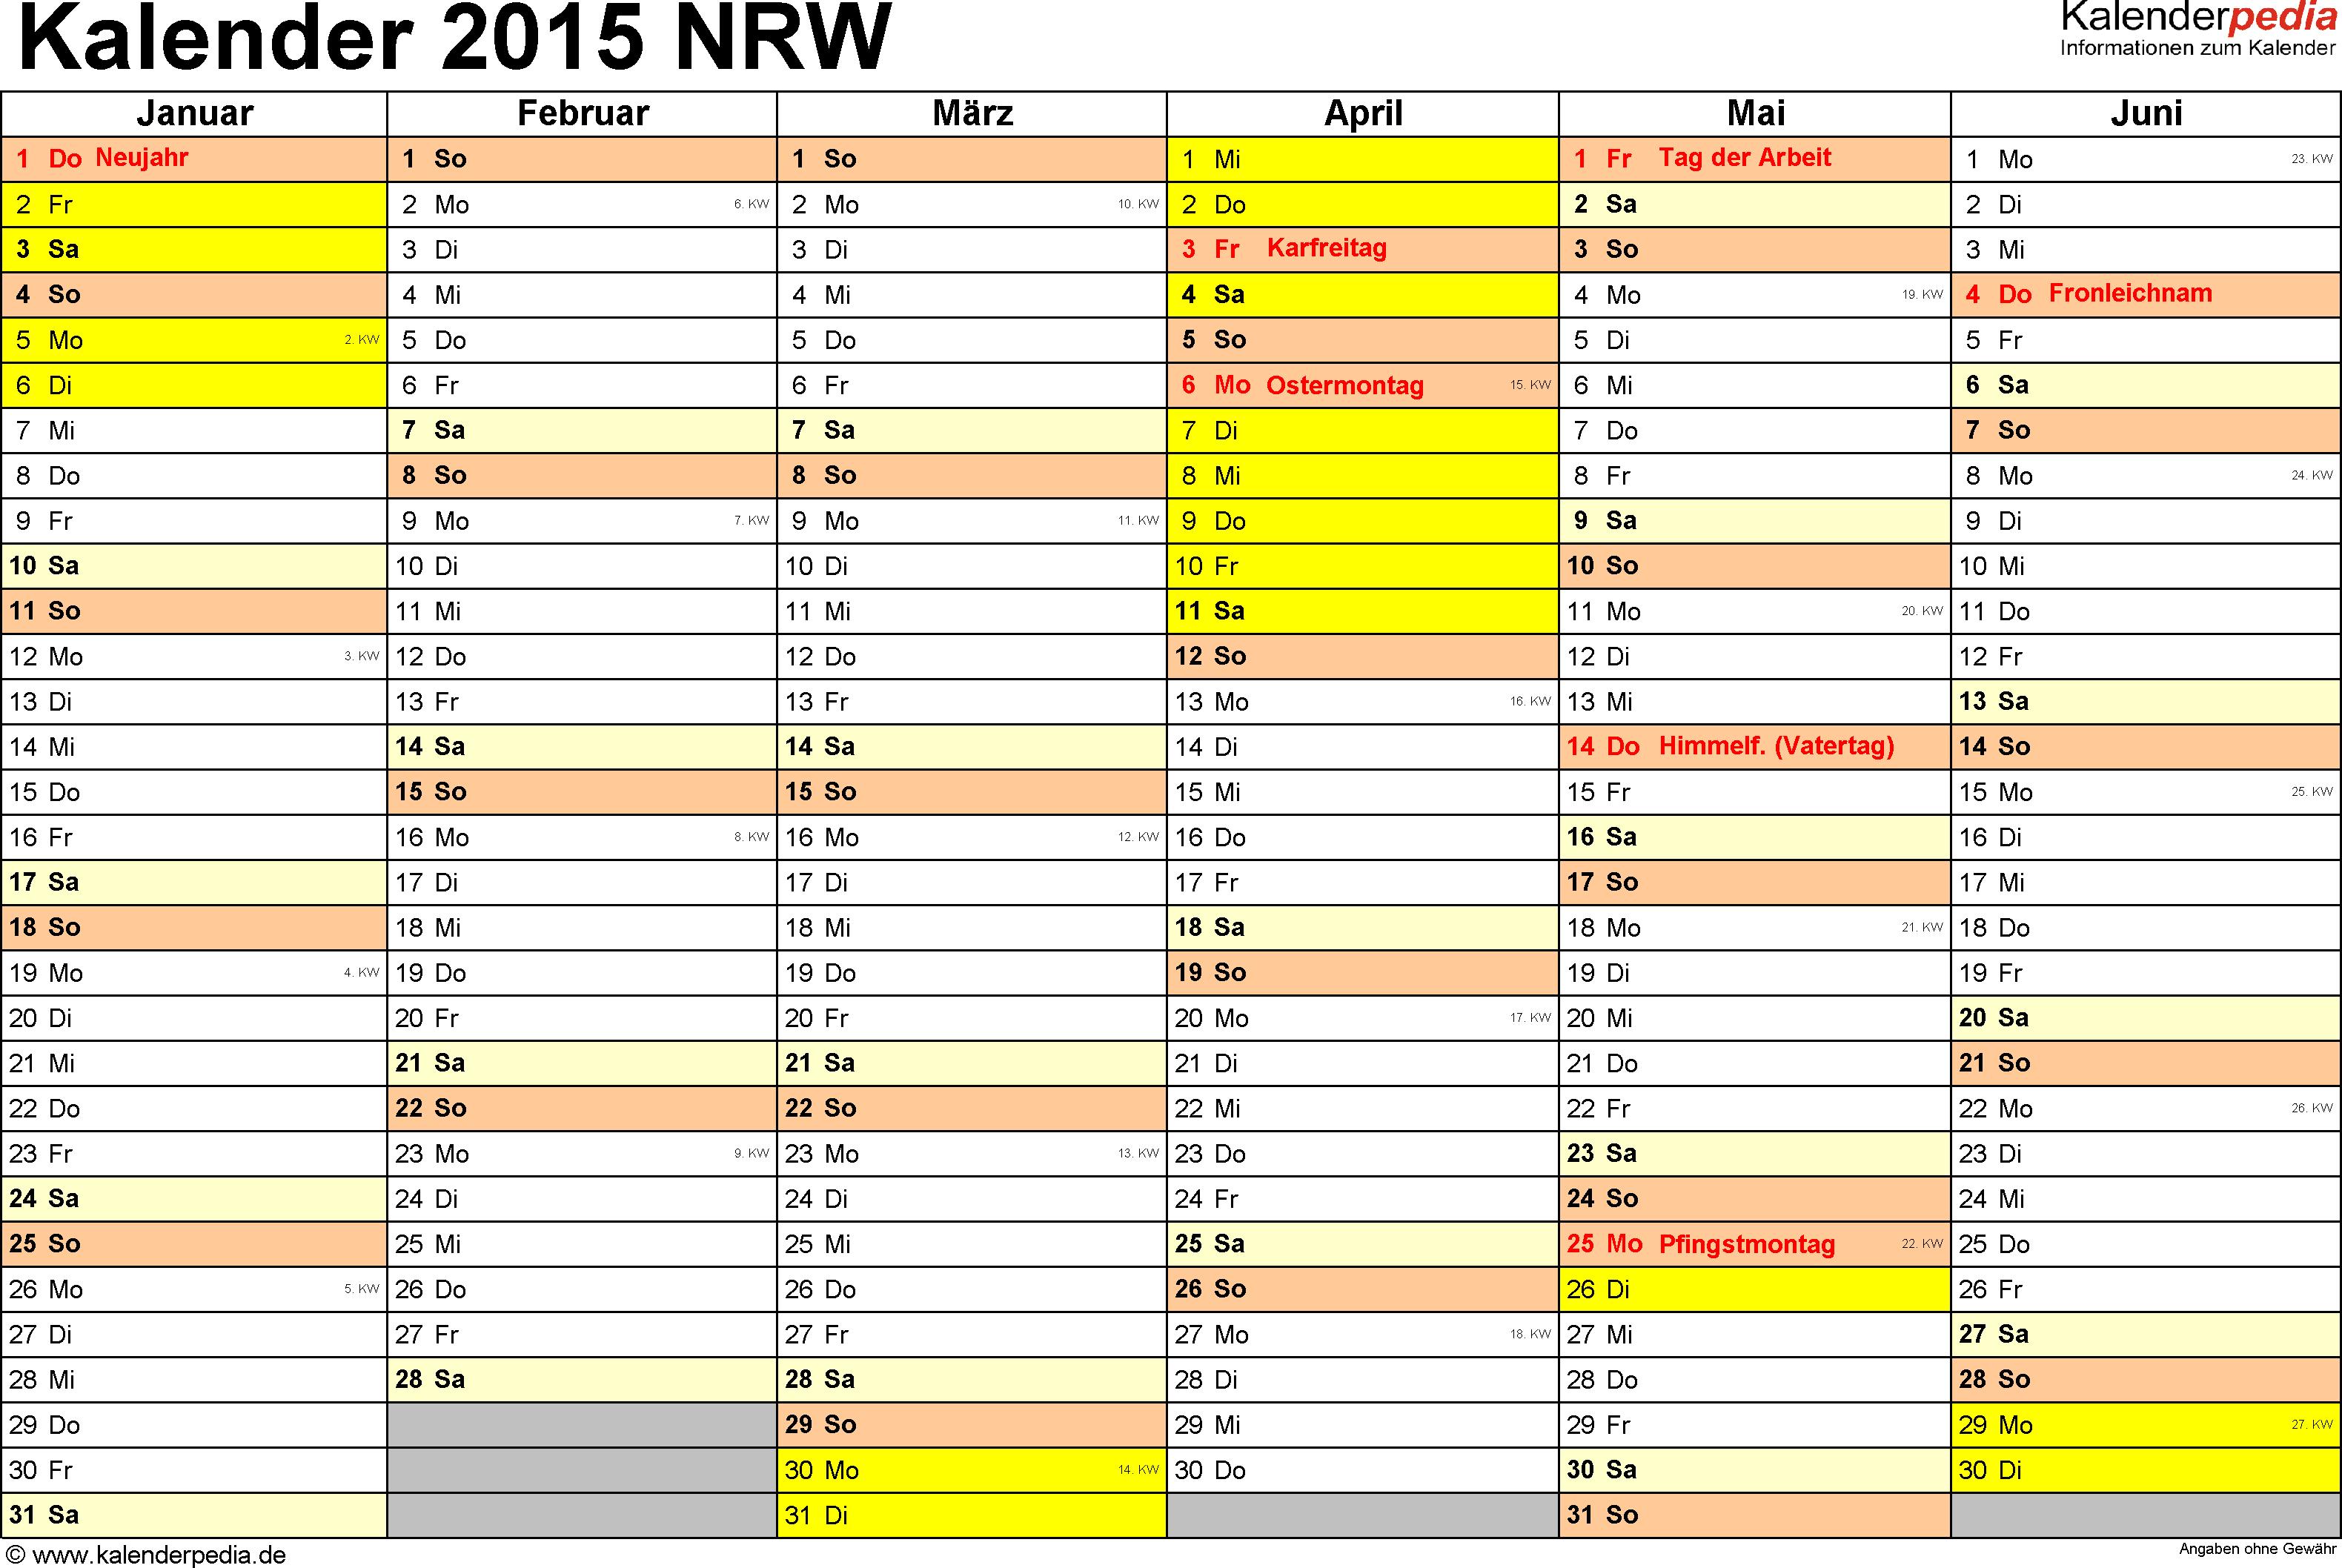 Vorlage 2: Kalender 2015 für Nordrhein-Westfalen (NRW) als Word-Vorlage (Querformat, 2 Seiten)